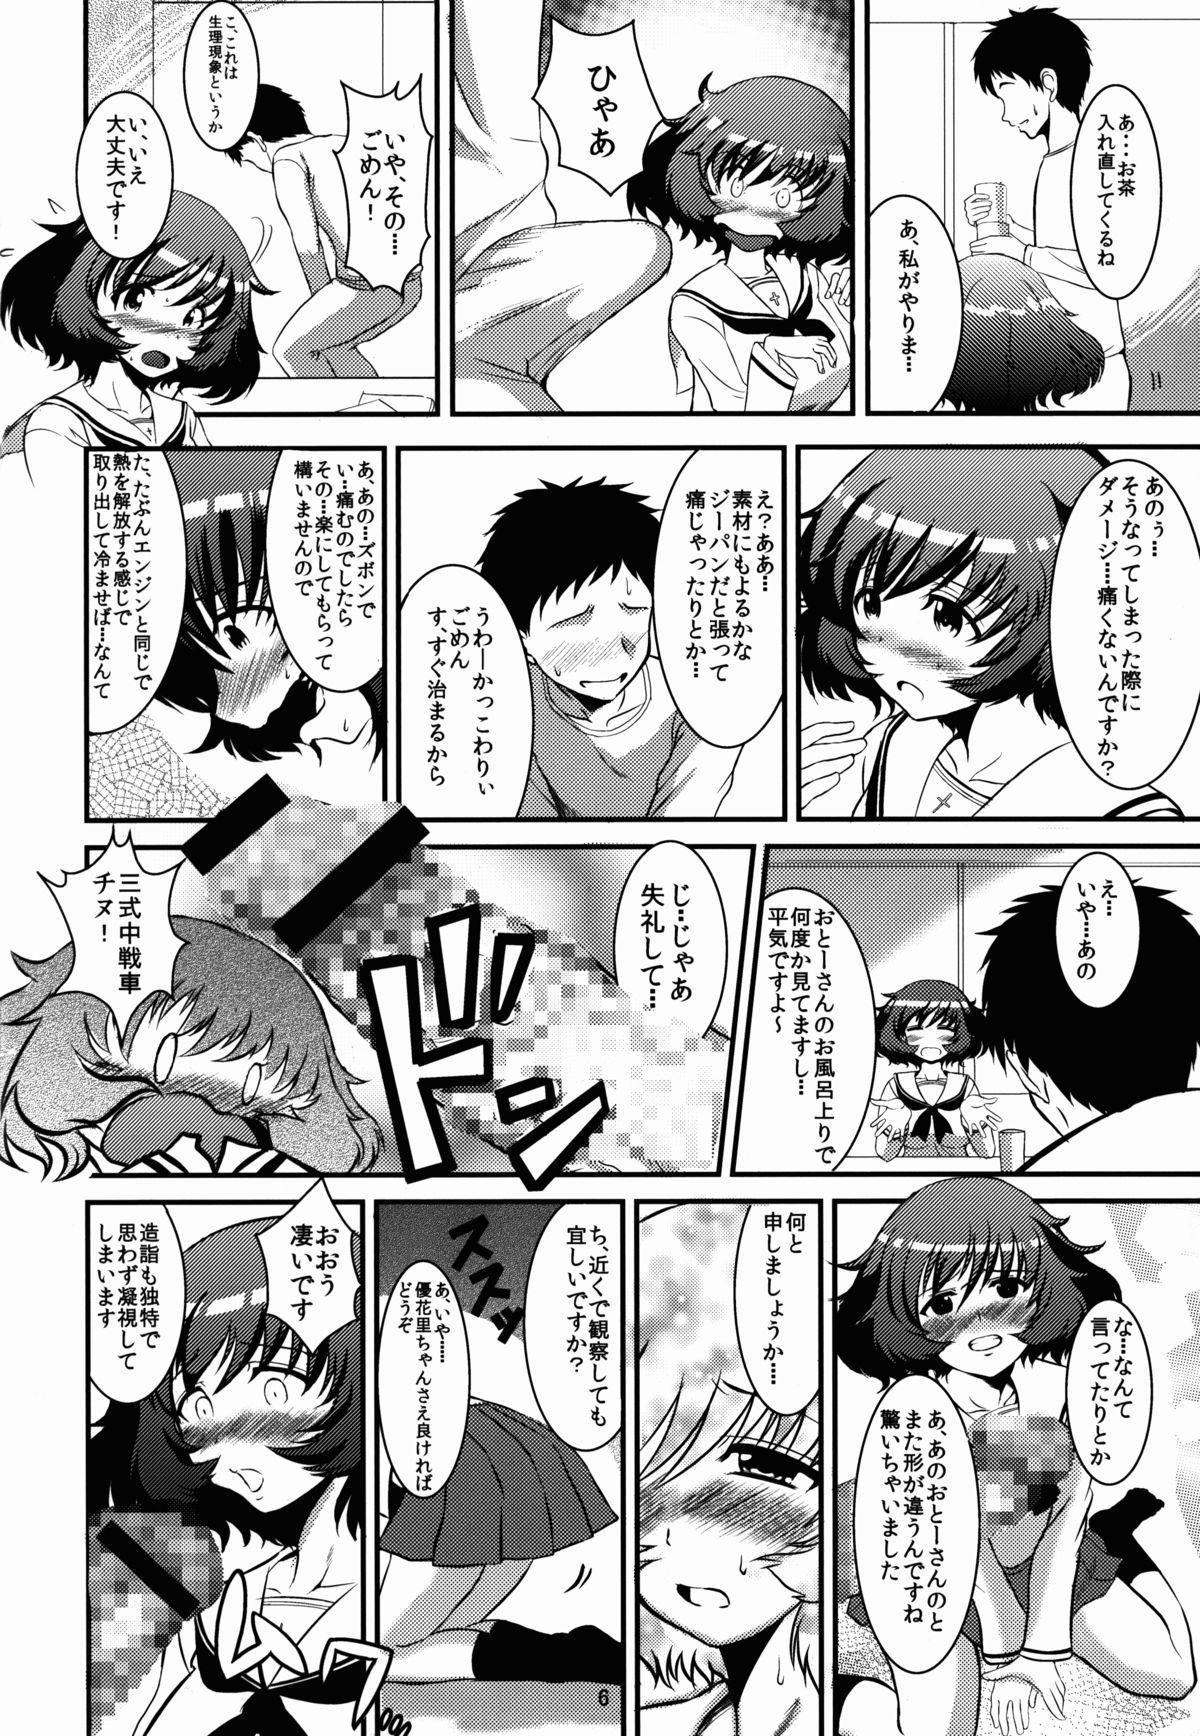 Akiyama-dono Deshou 5